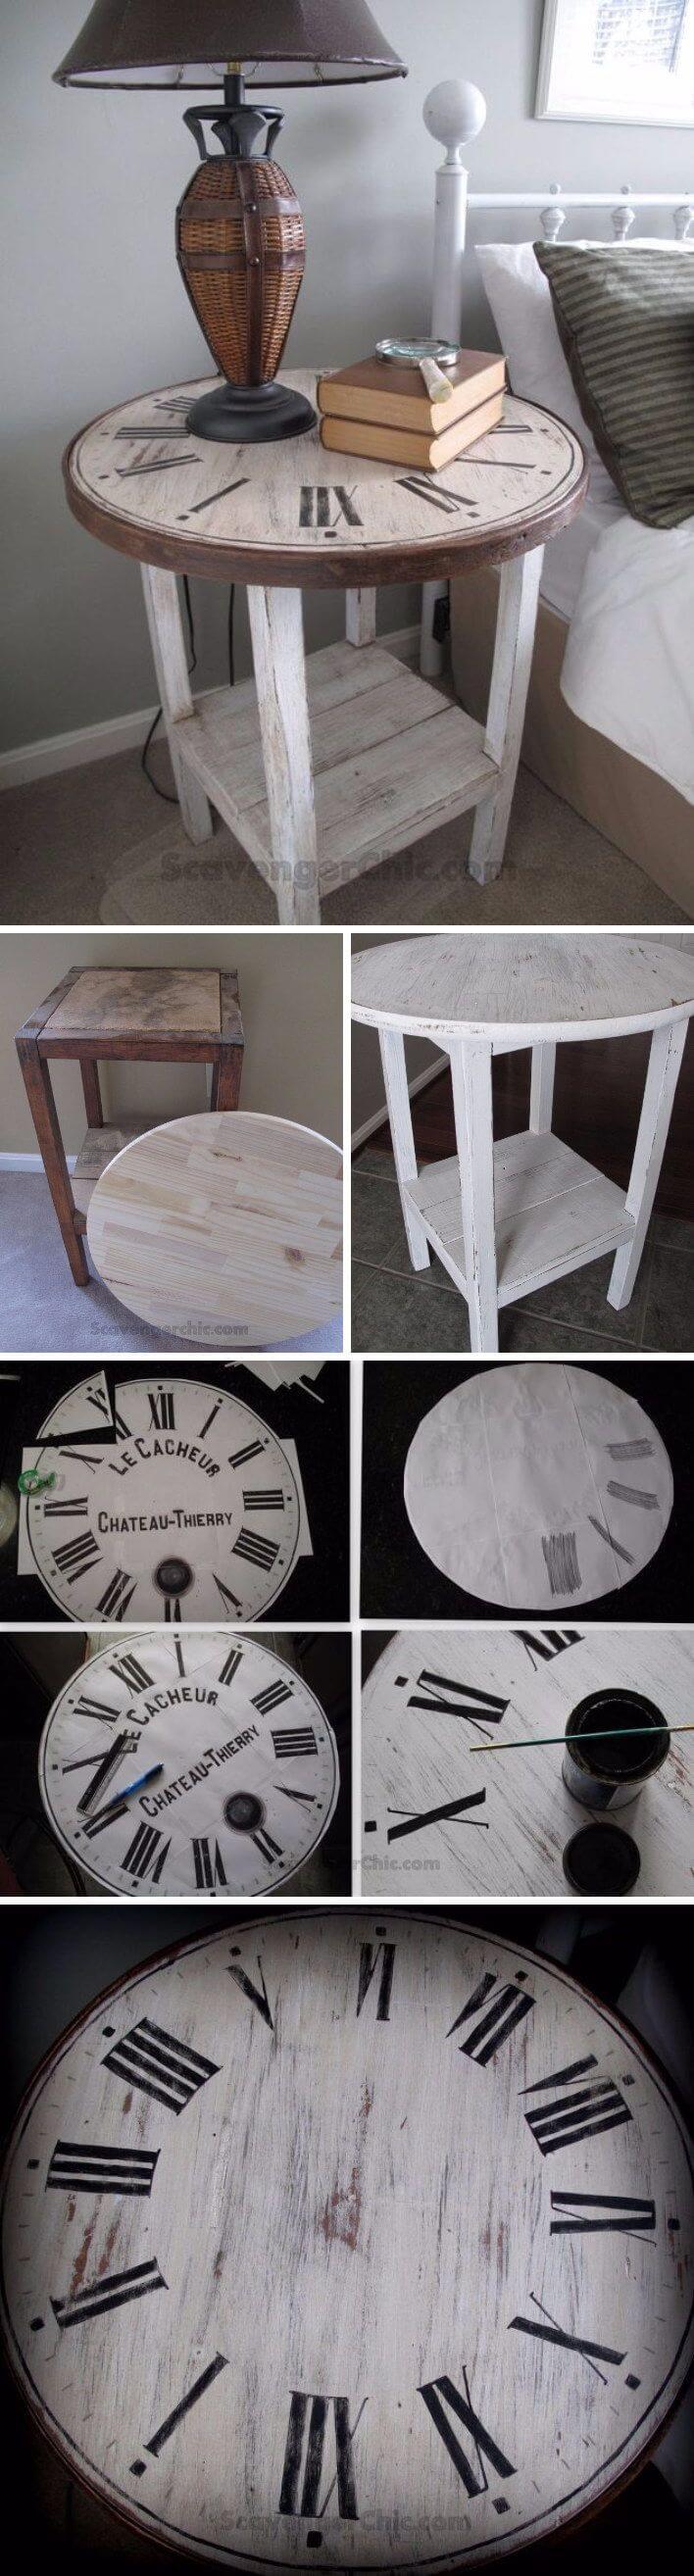 Table d'appoint en bois autour de l'horloge